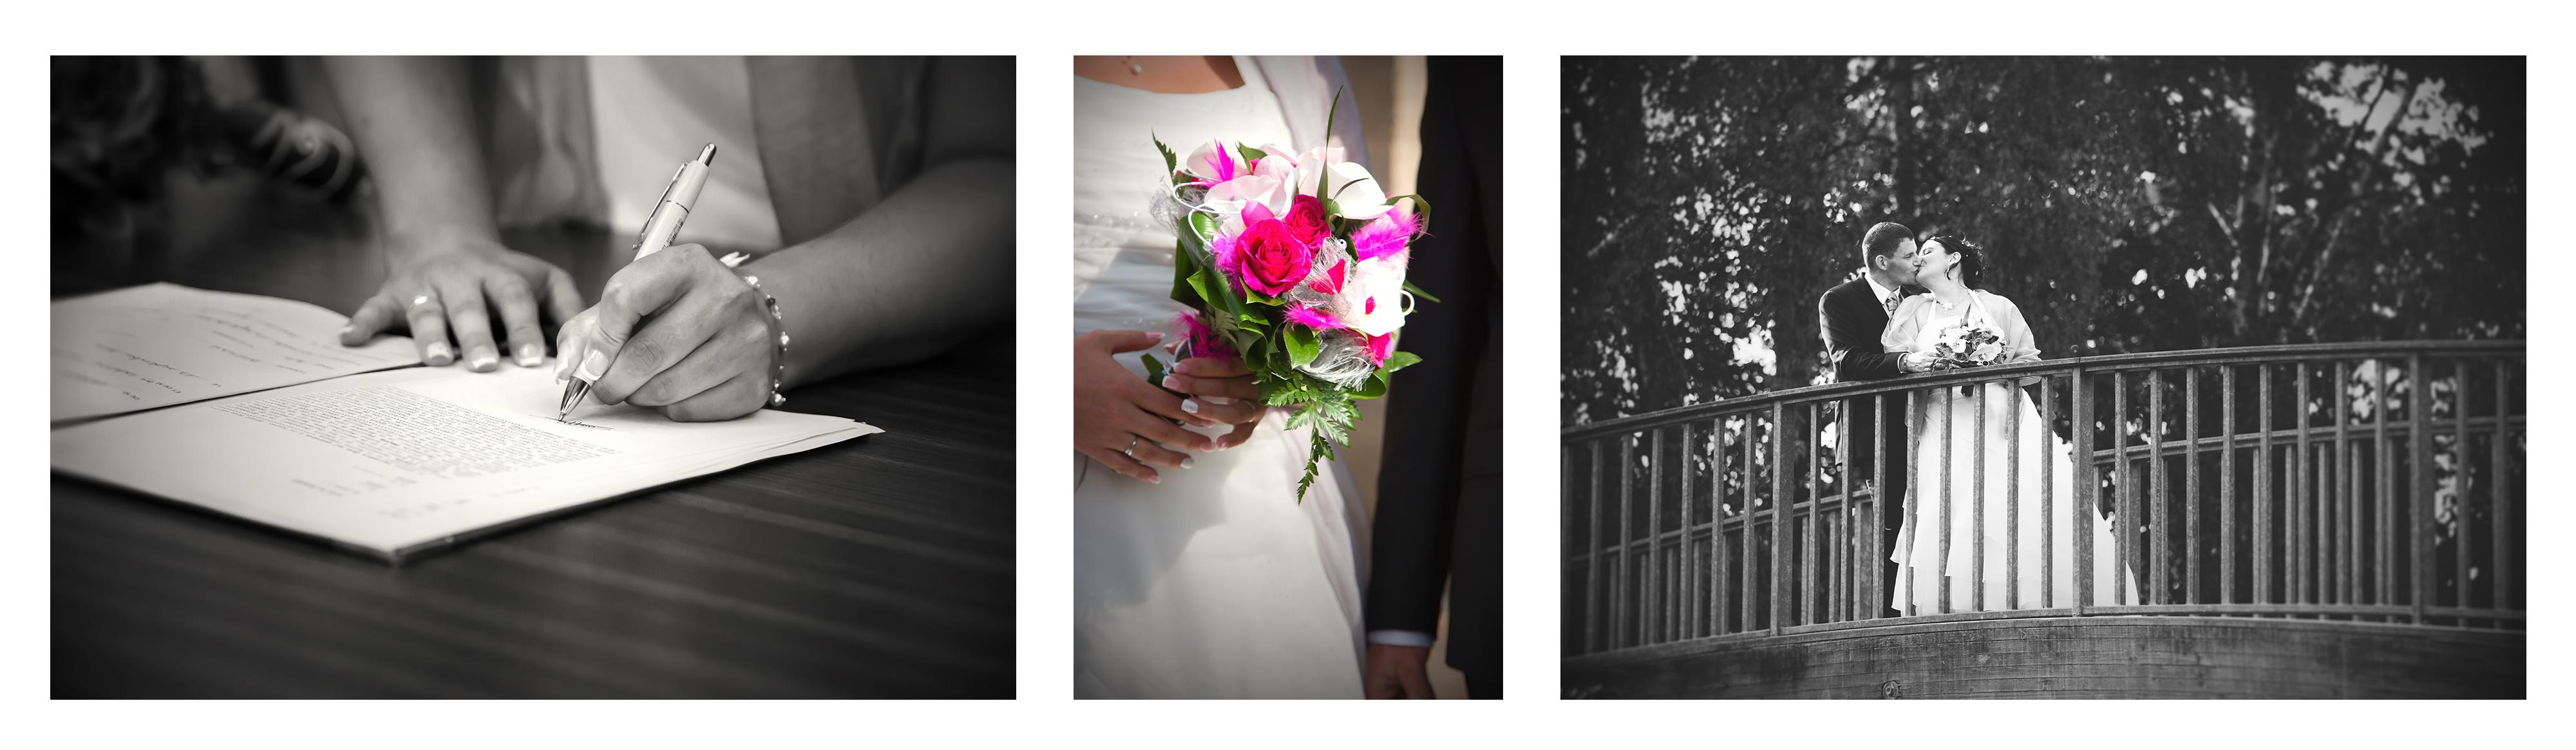 Mariage, couple & Lifestyle